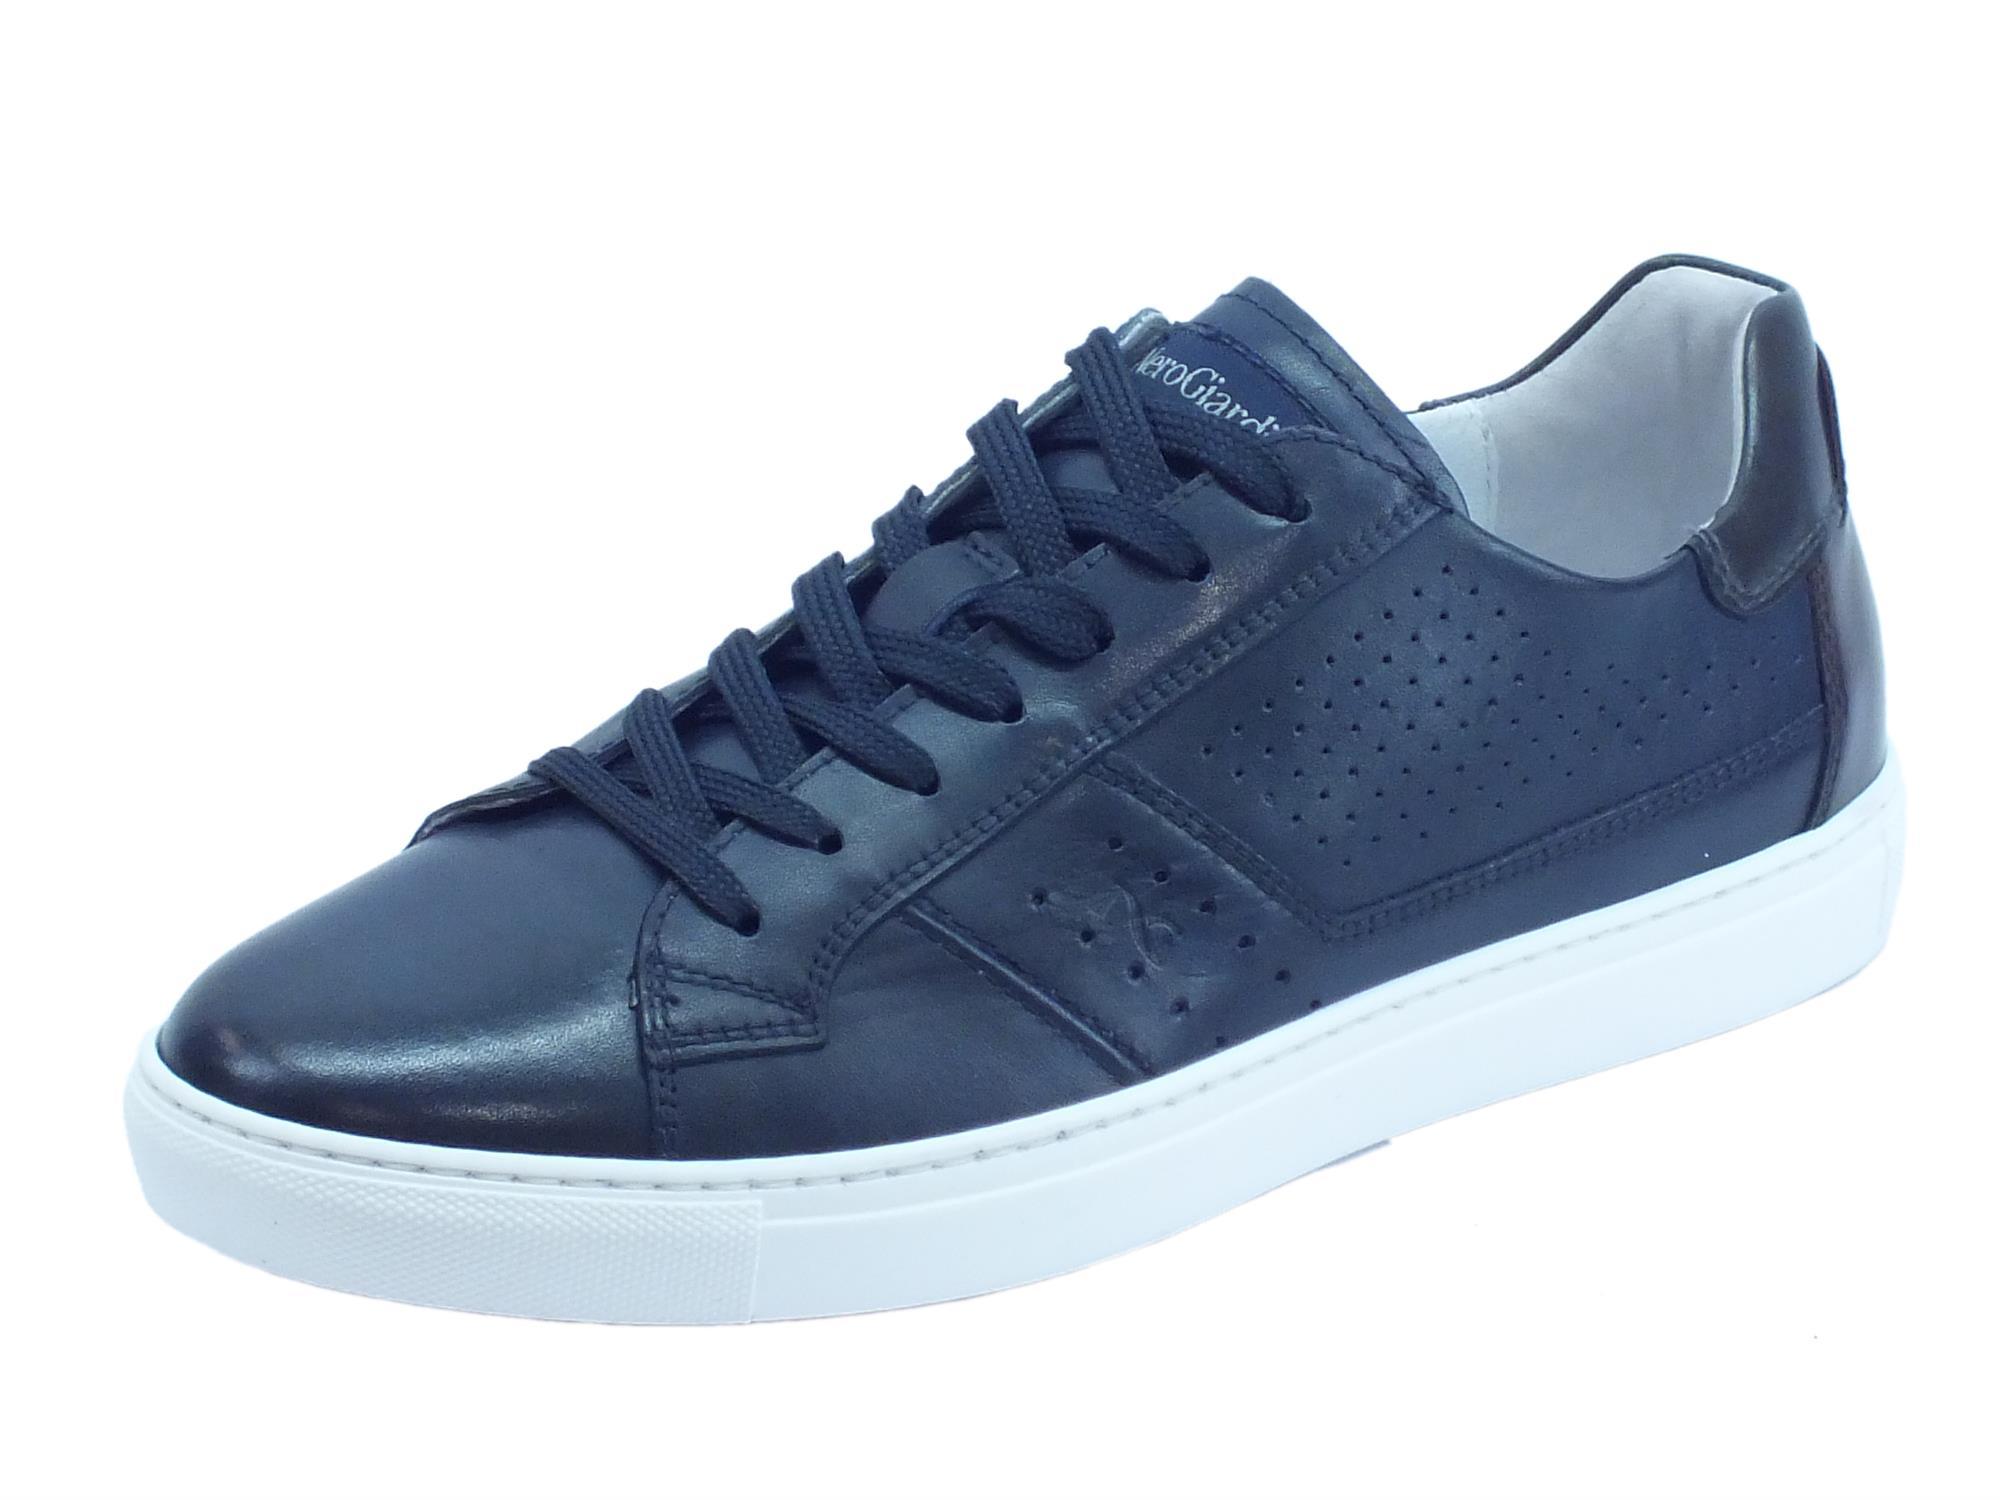 miglior servizio 61d55 b1a54 Scarpe sportive NeroGiardini per uomo in pelle Hold blu scuro